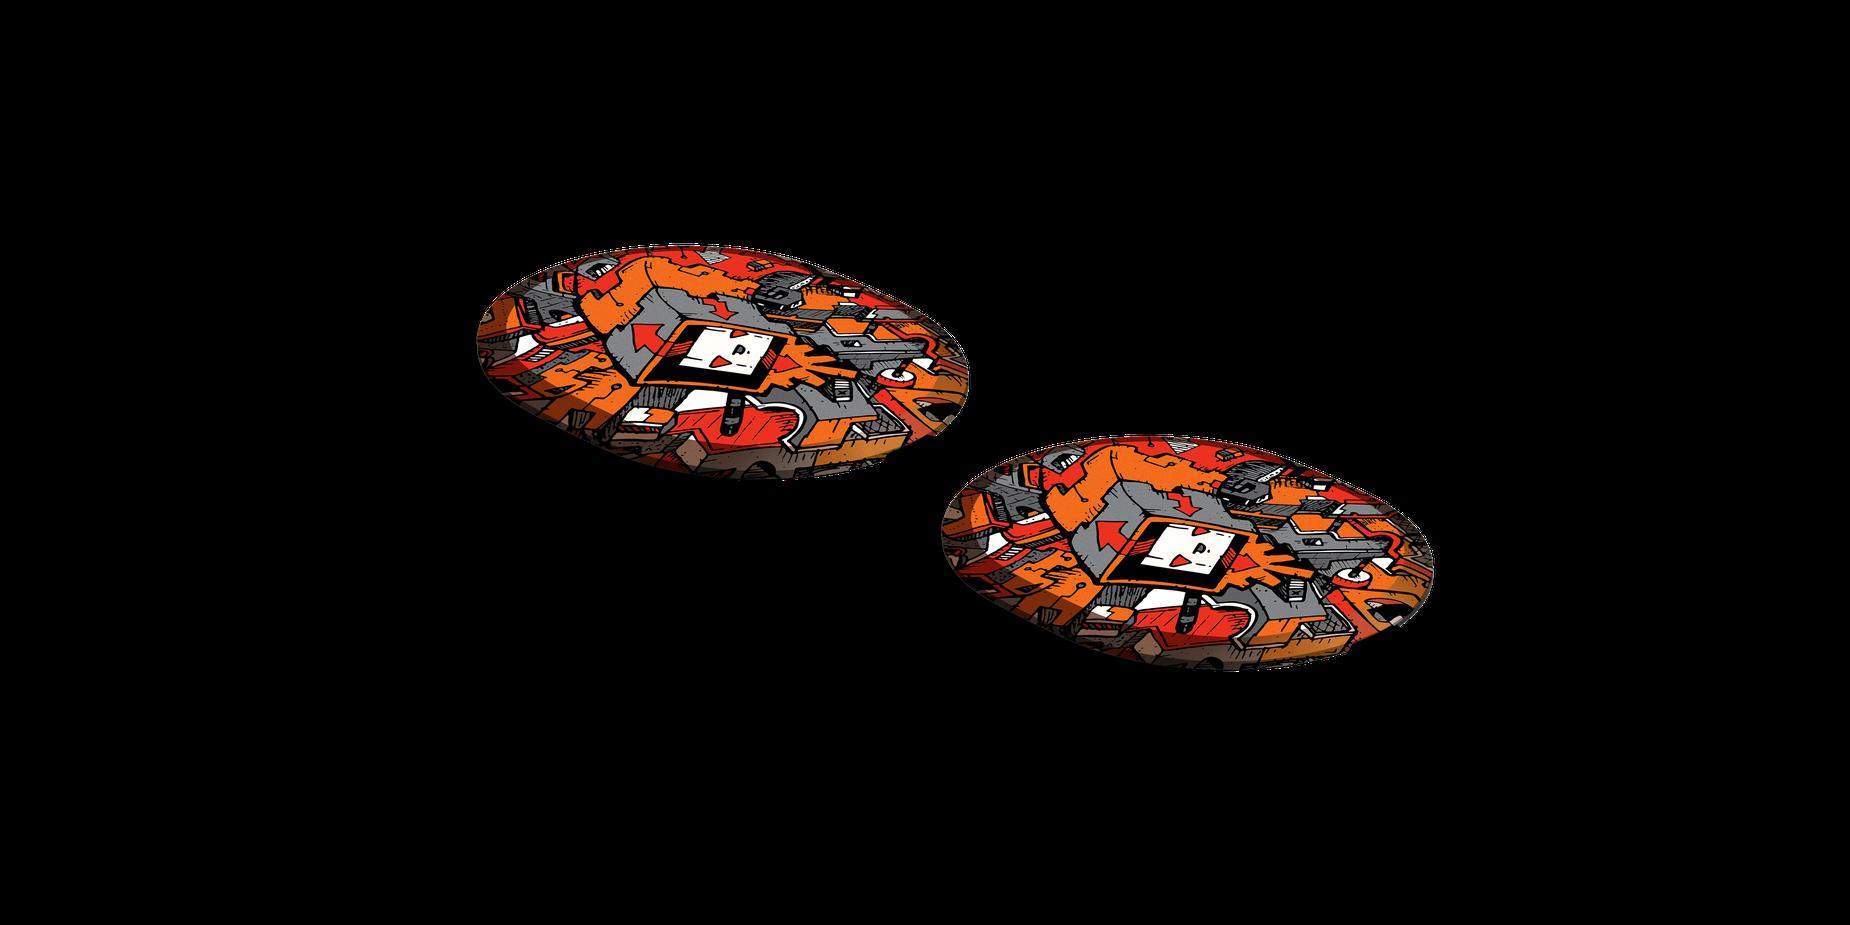 Zwei Arctis Pro Lautsprecherteller mit dem Design von Dune Haggar